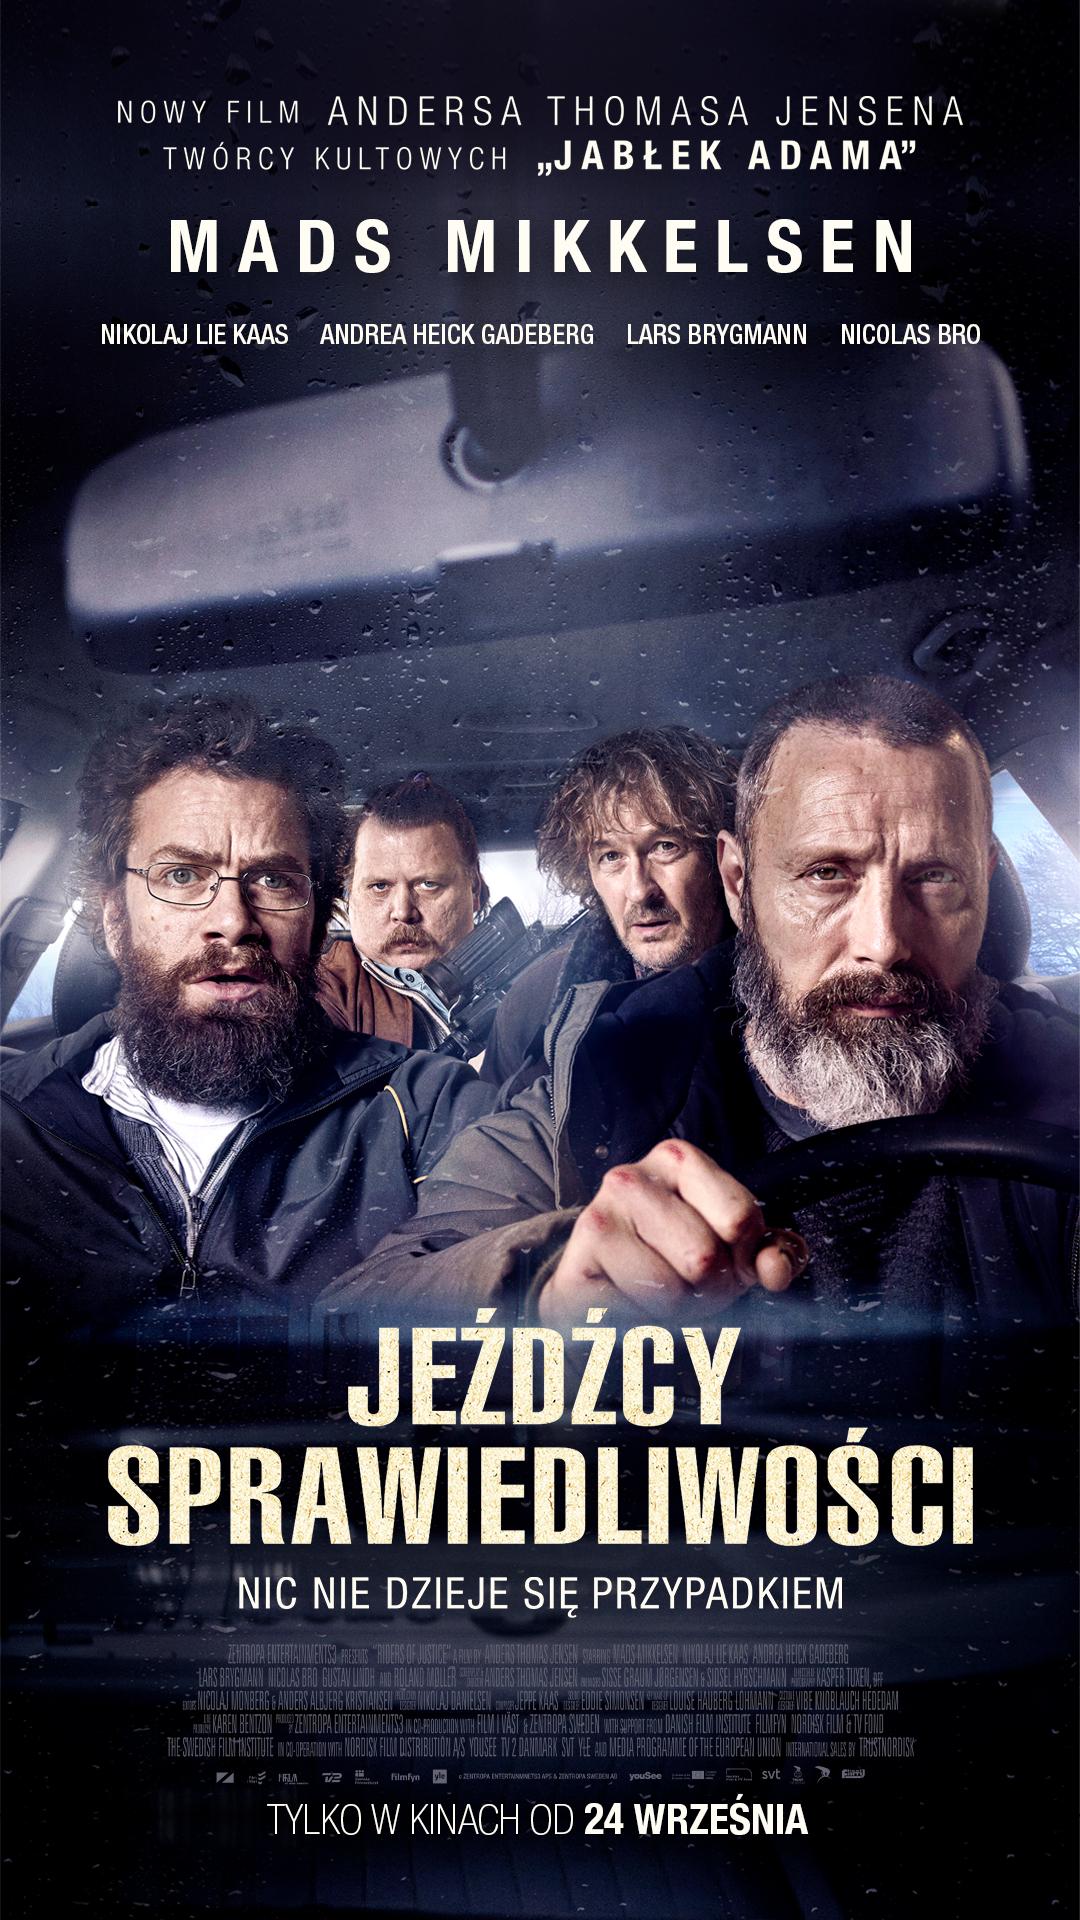 Jezdzcy_eposter_24wrze